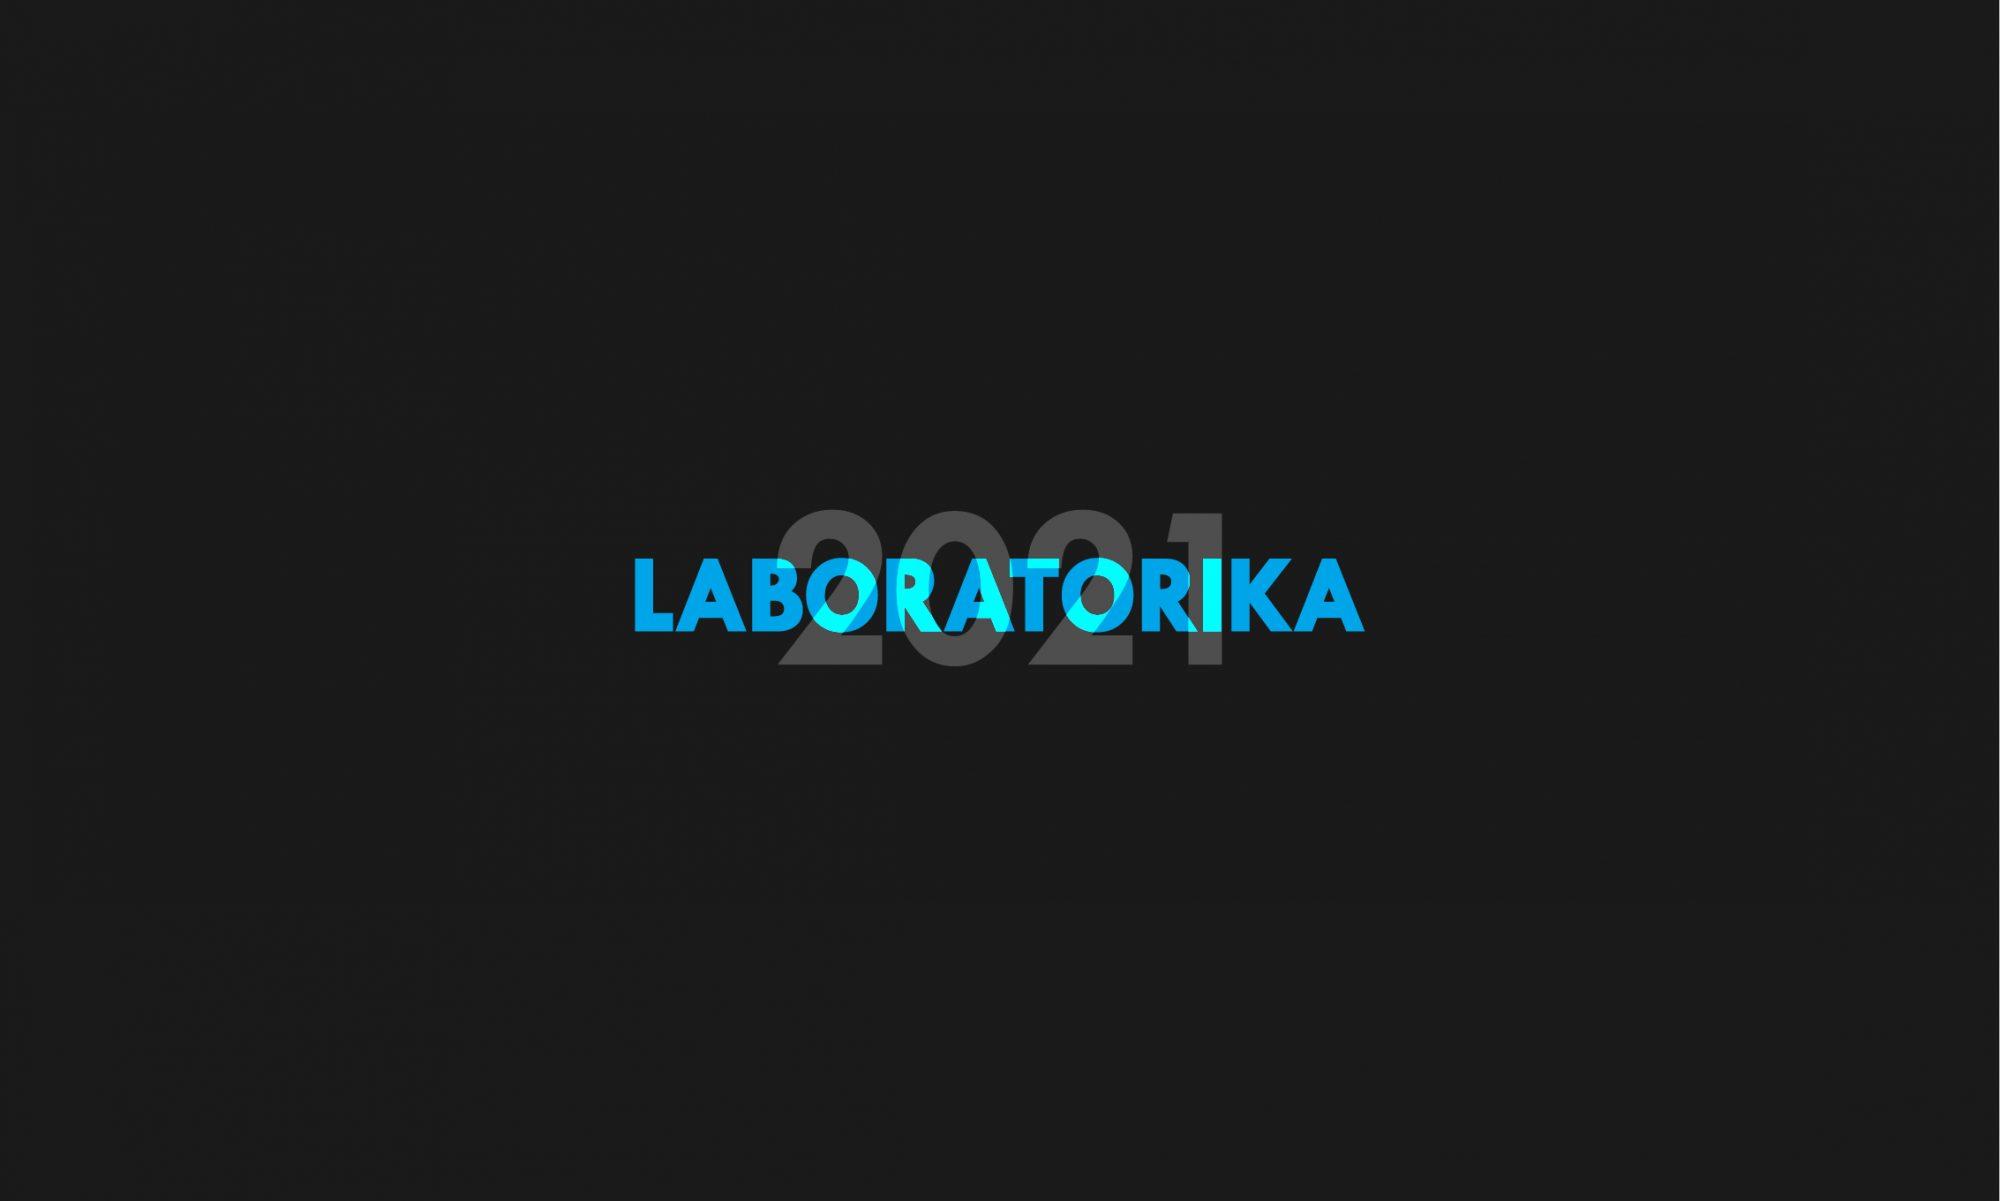 Laboratorika 2021